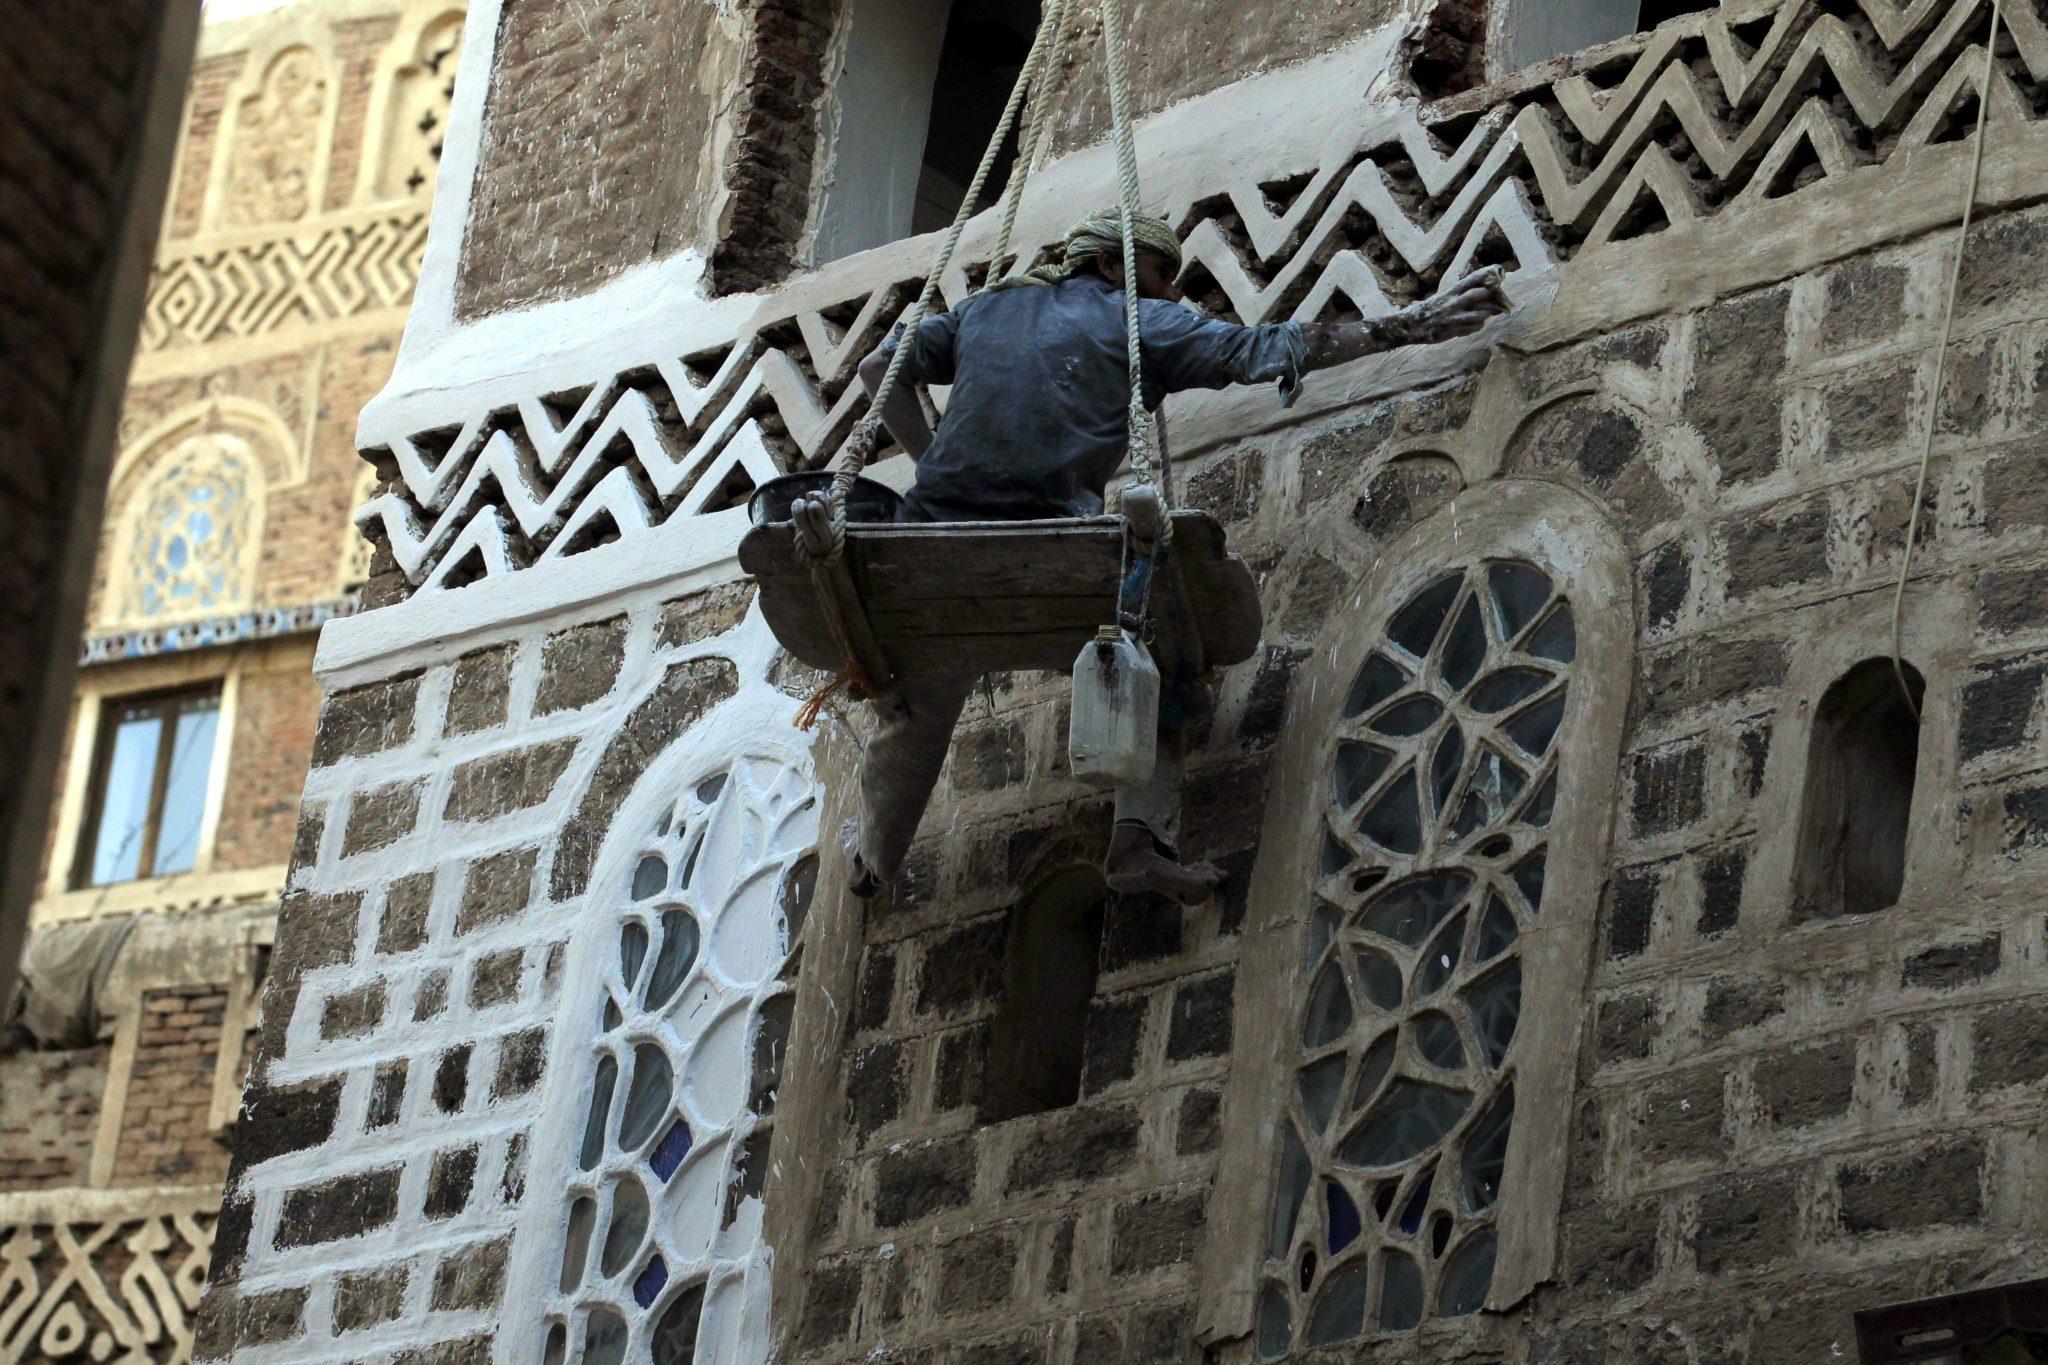 Sana, Jemen: odnawianie zabytkowych budynków, stare miasto Sany jest zalicozne do światowej listy UNESCO. Większość budynków ma od 200 do 500 lat. fot. Yahya Arhab, PAP/EPA